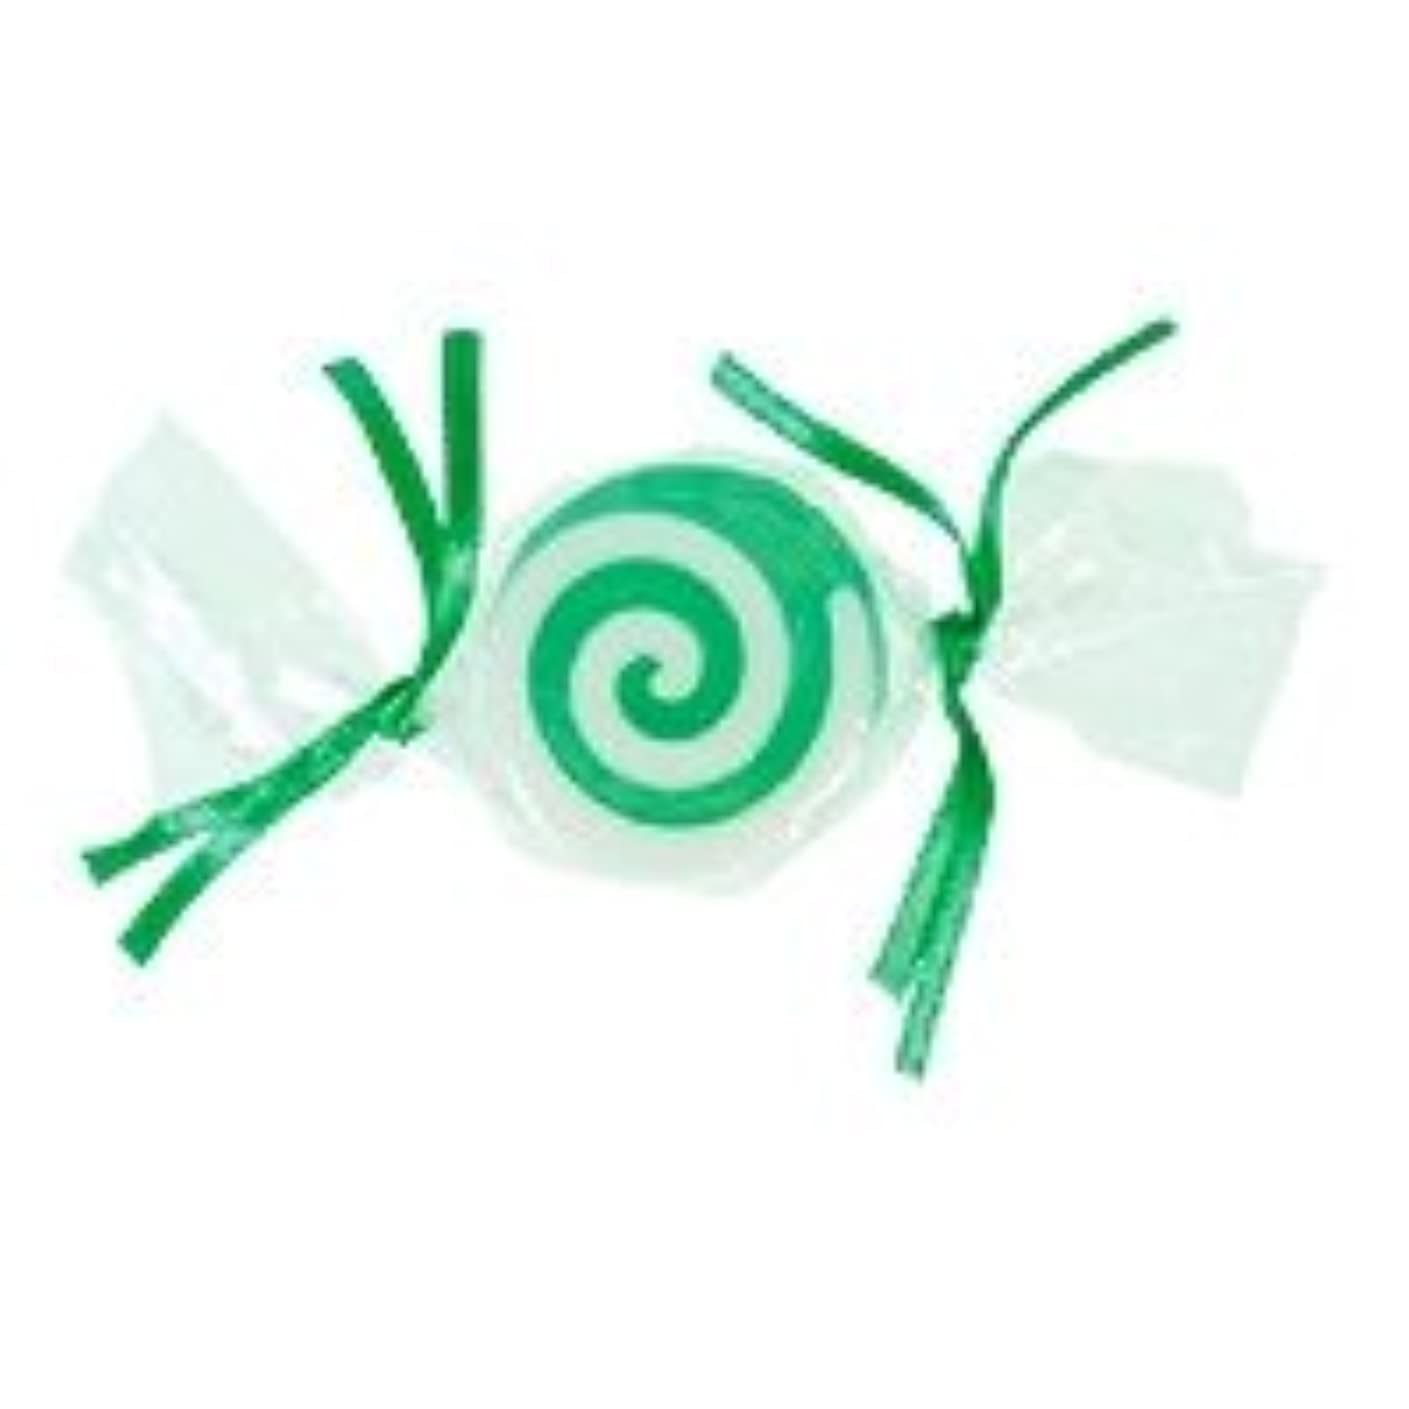 ベジタブルソープ キャンディ「グリーン」20個セット グリーンアップルの香り